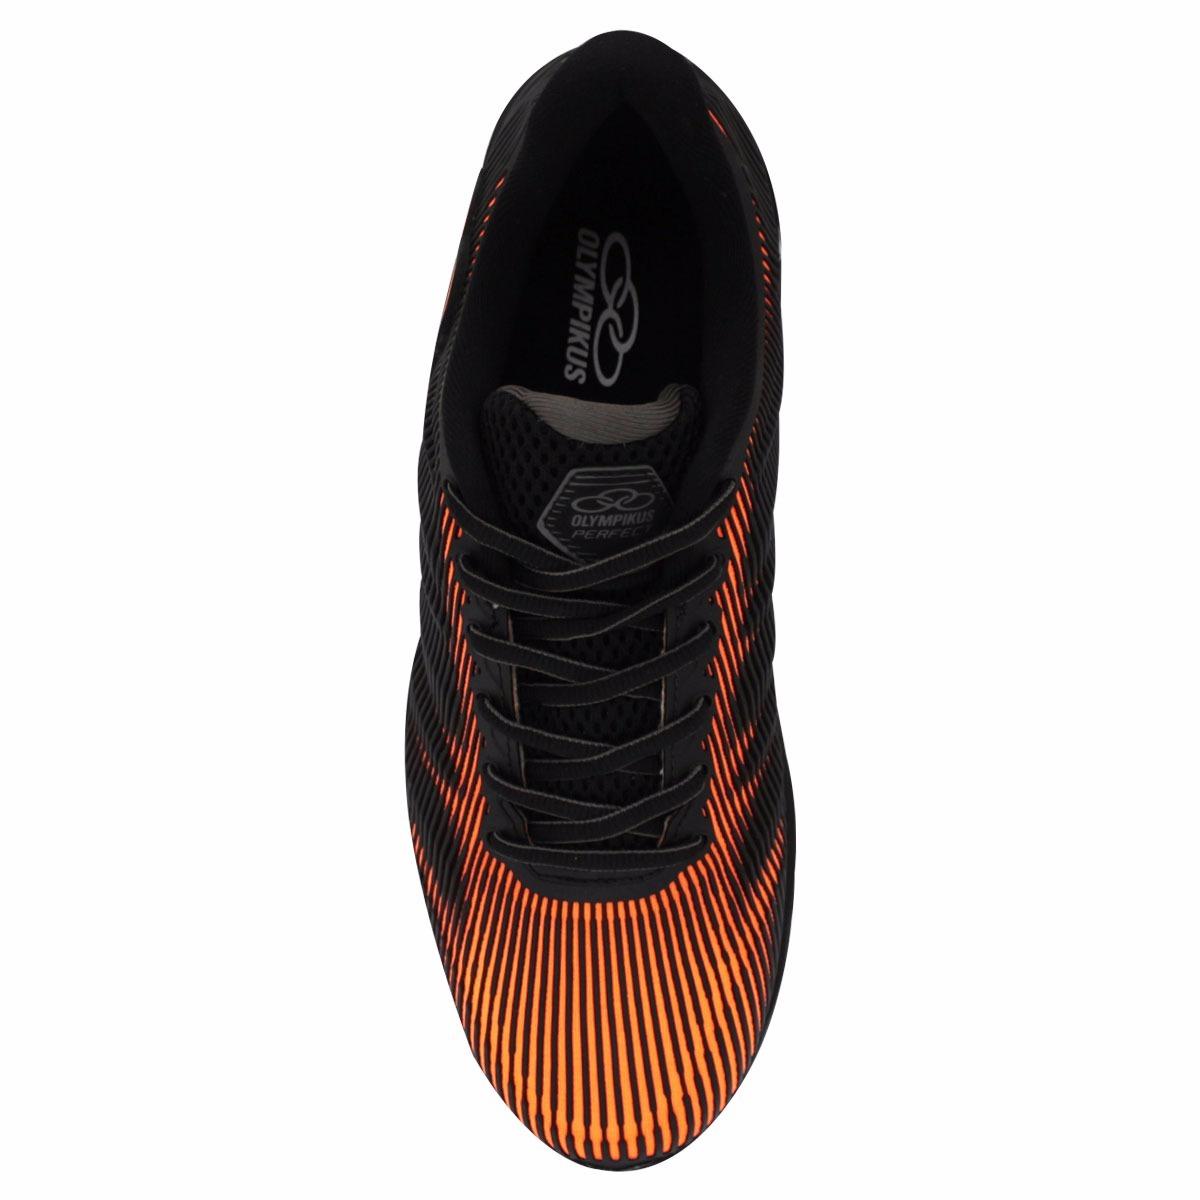 39e41a26262 Carregando zoom... tênis olympikus perfect masculino 3d preto com laranja